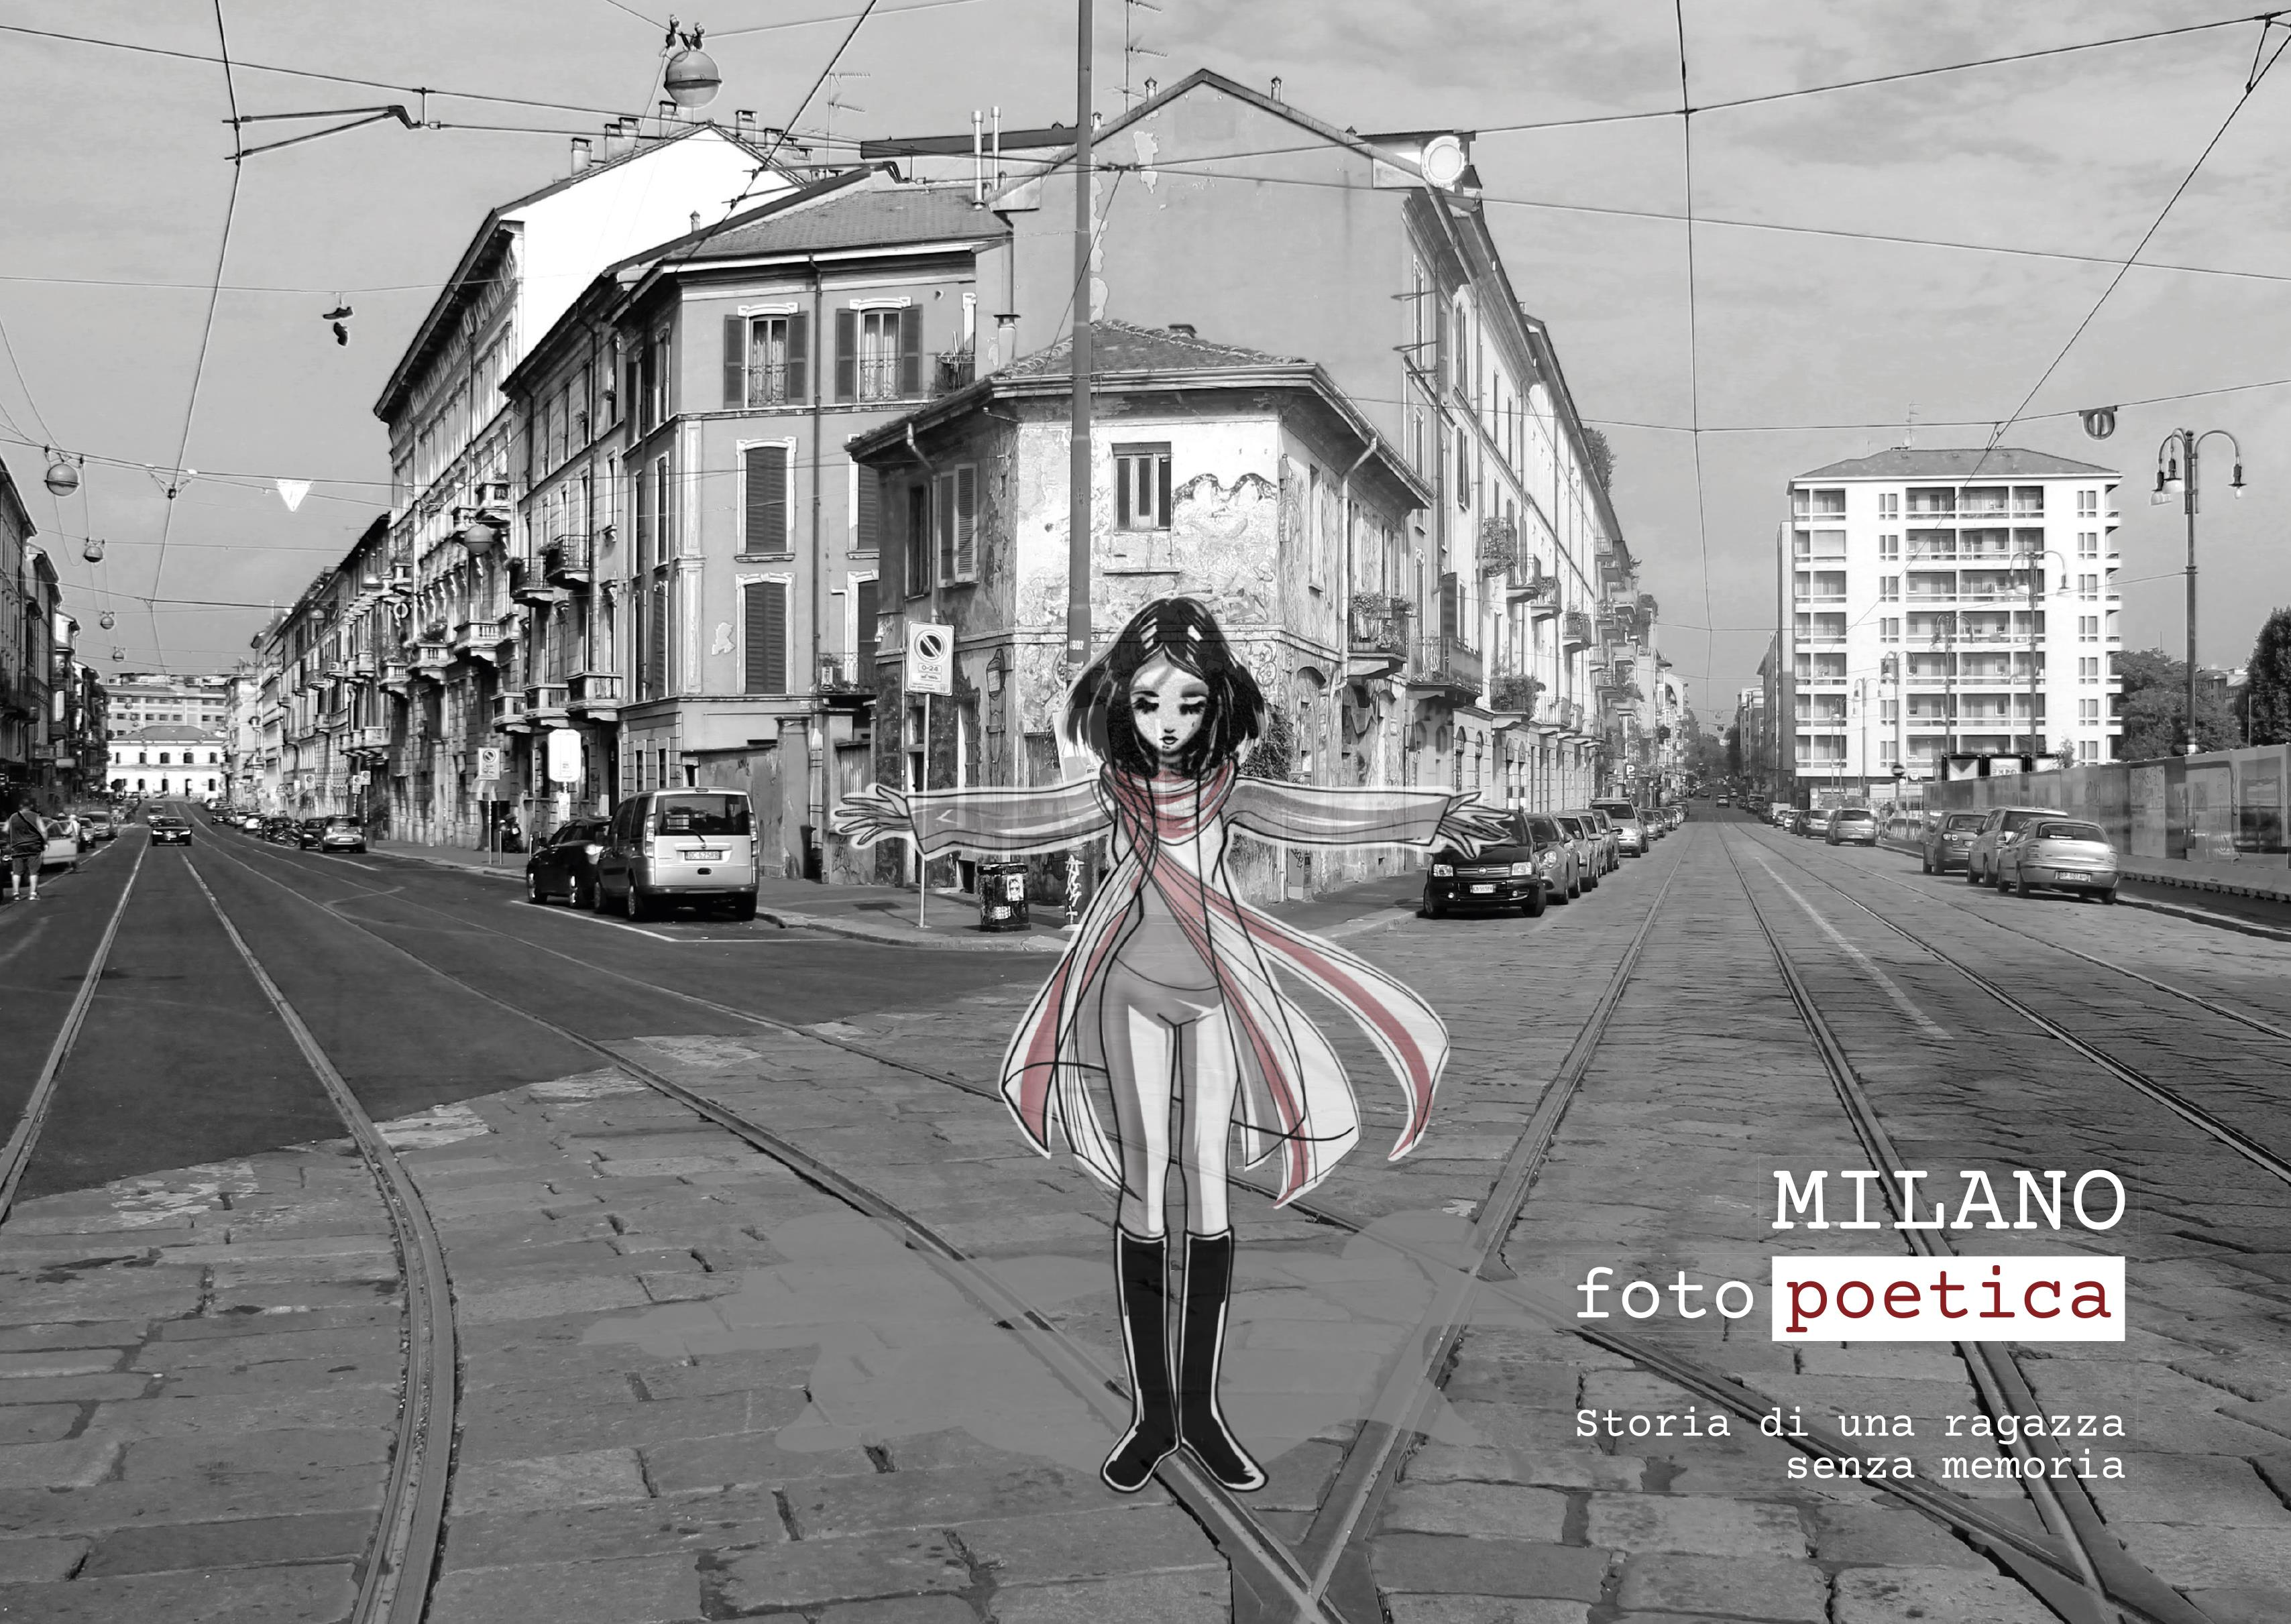 Milano Fotopoetica